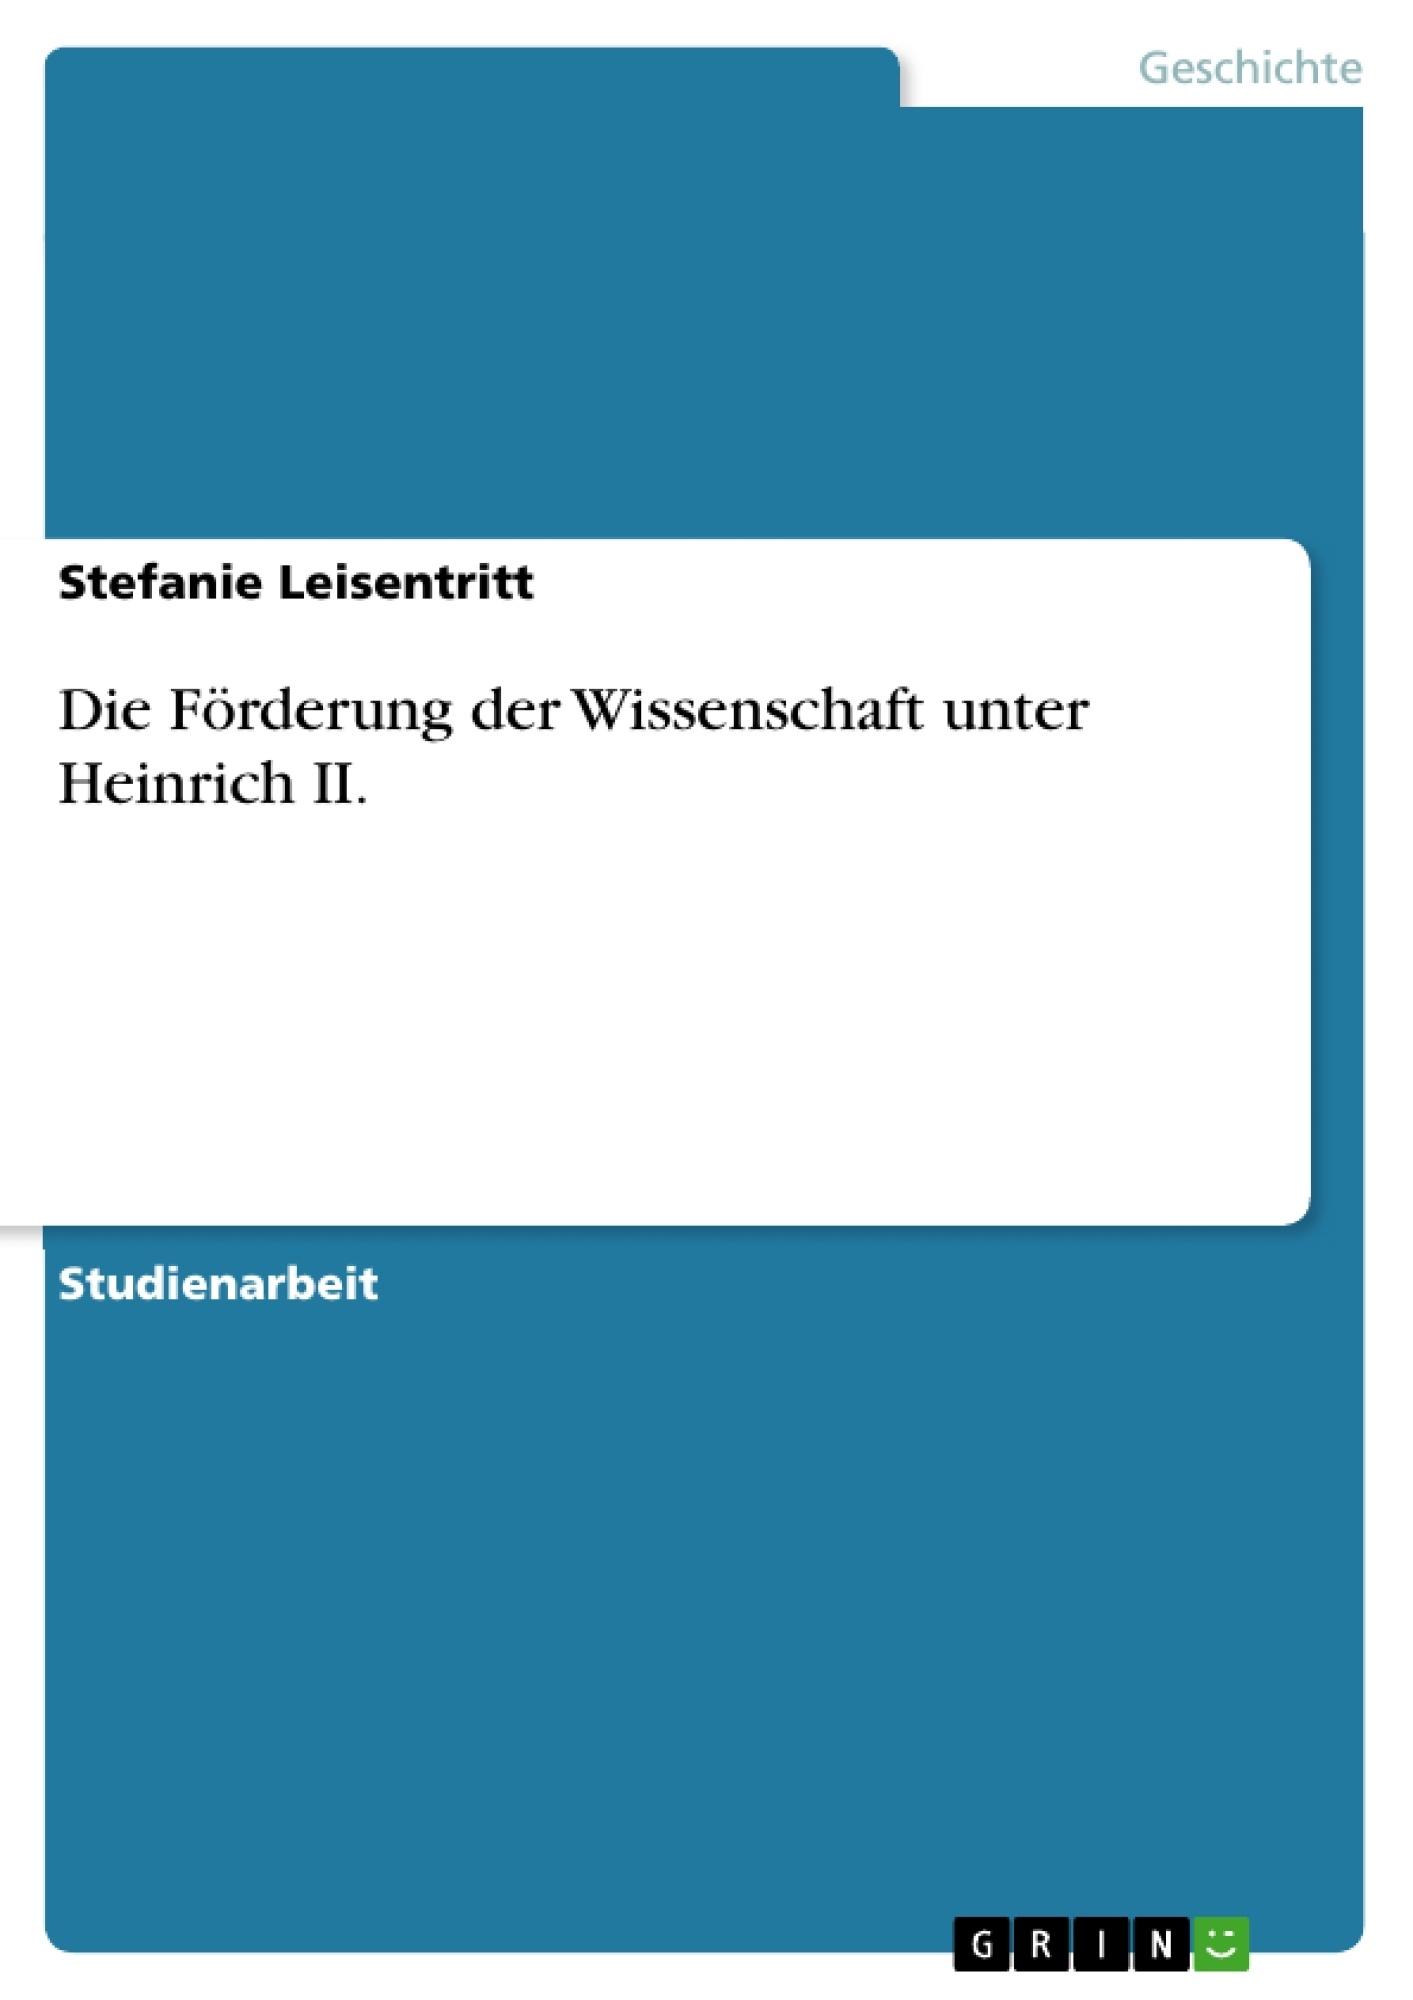 Titel: Die Förderung der Wissenschaft unter Heinrich II.